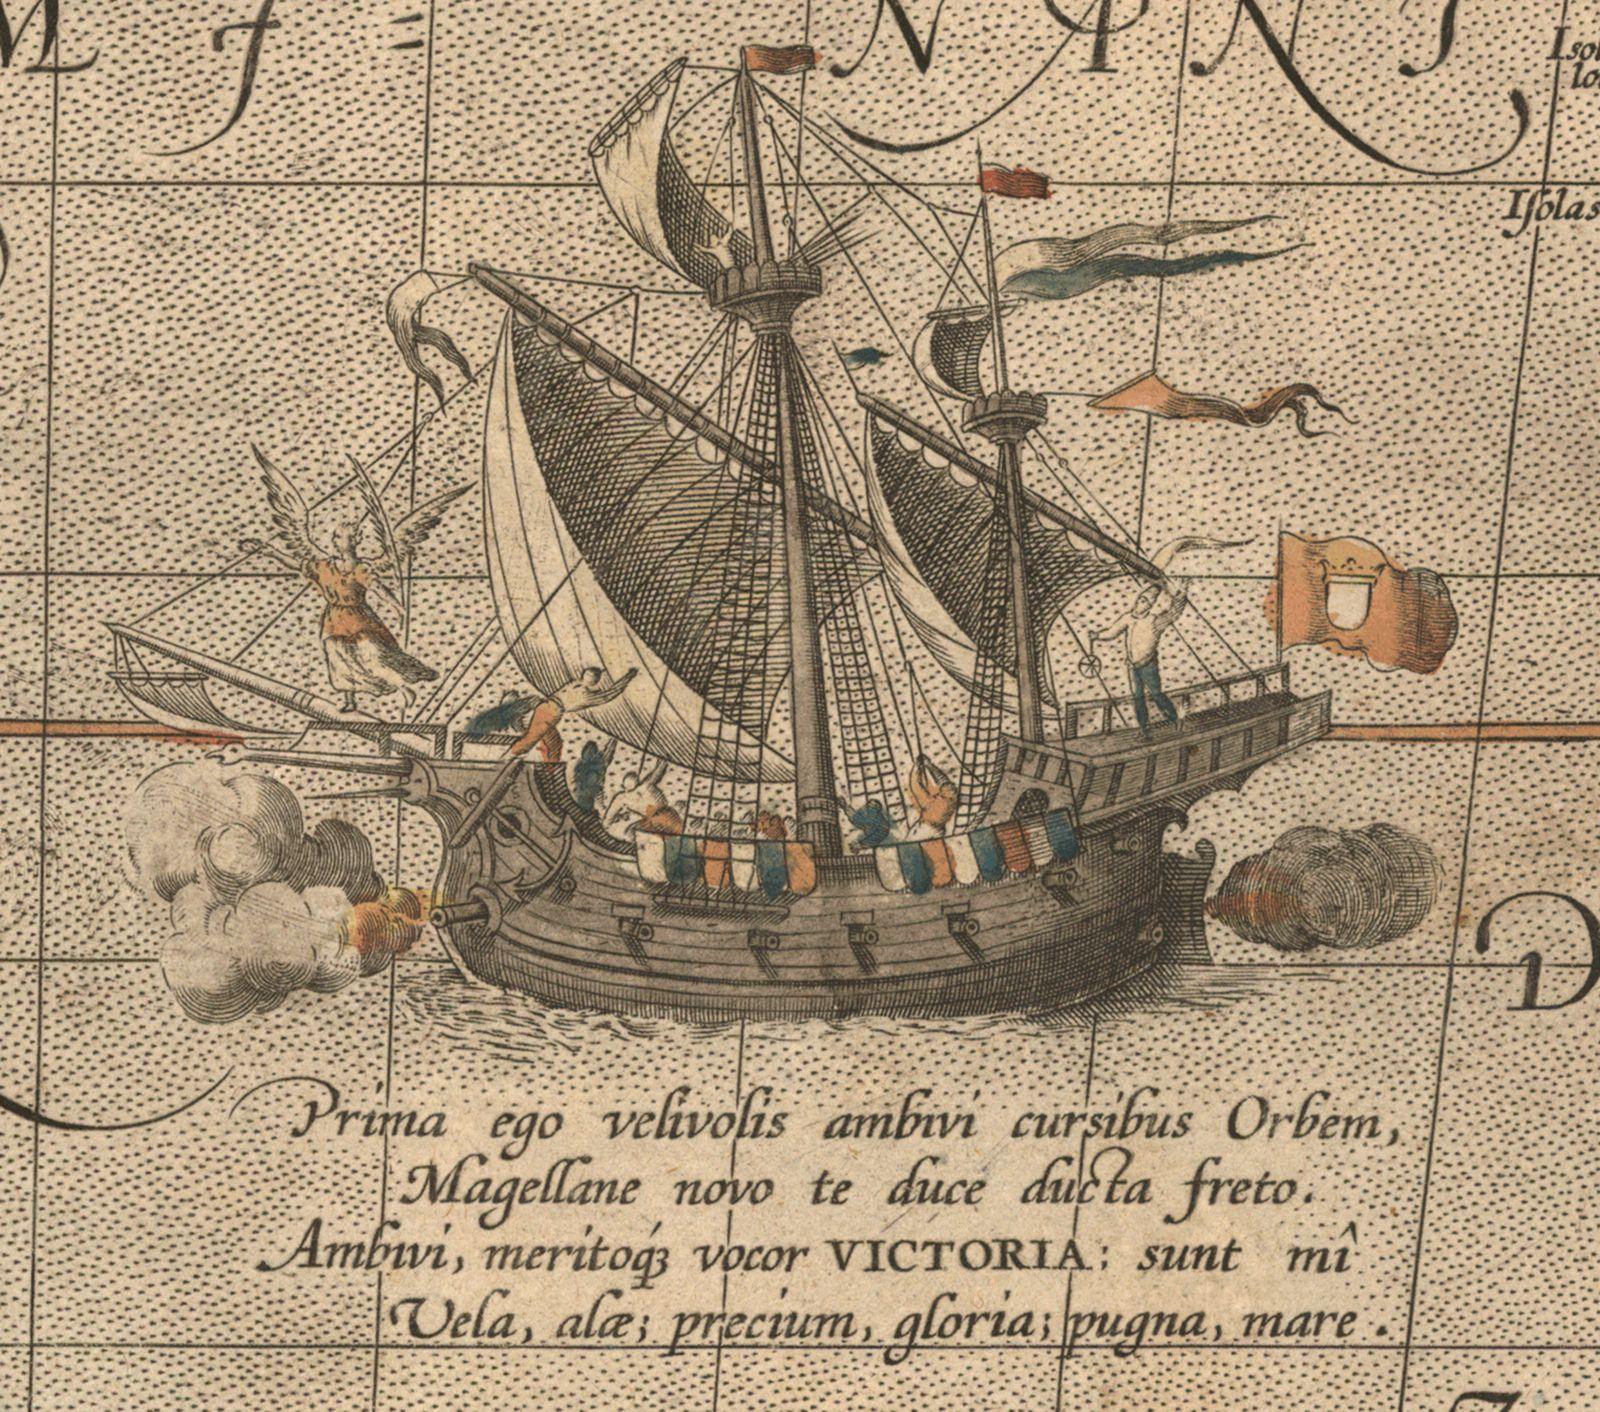 The Victoria,